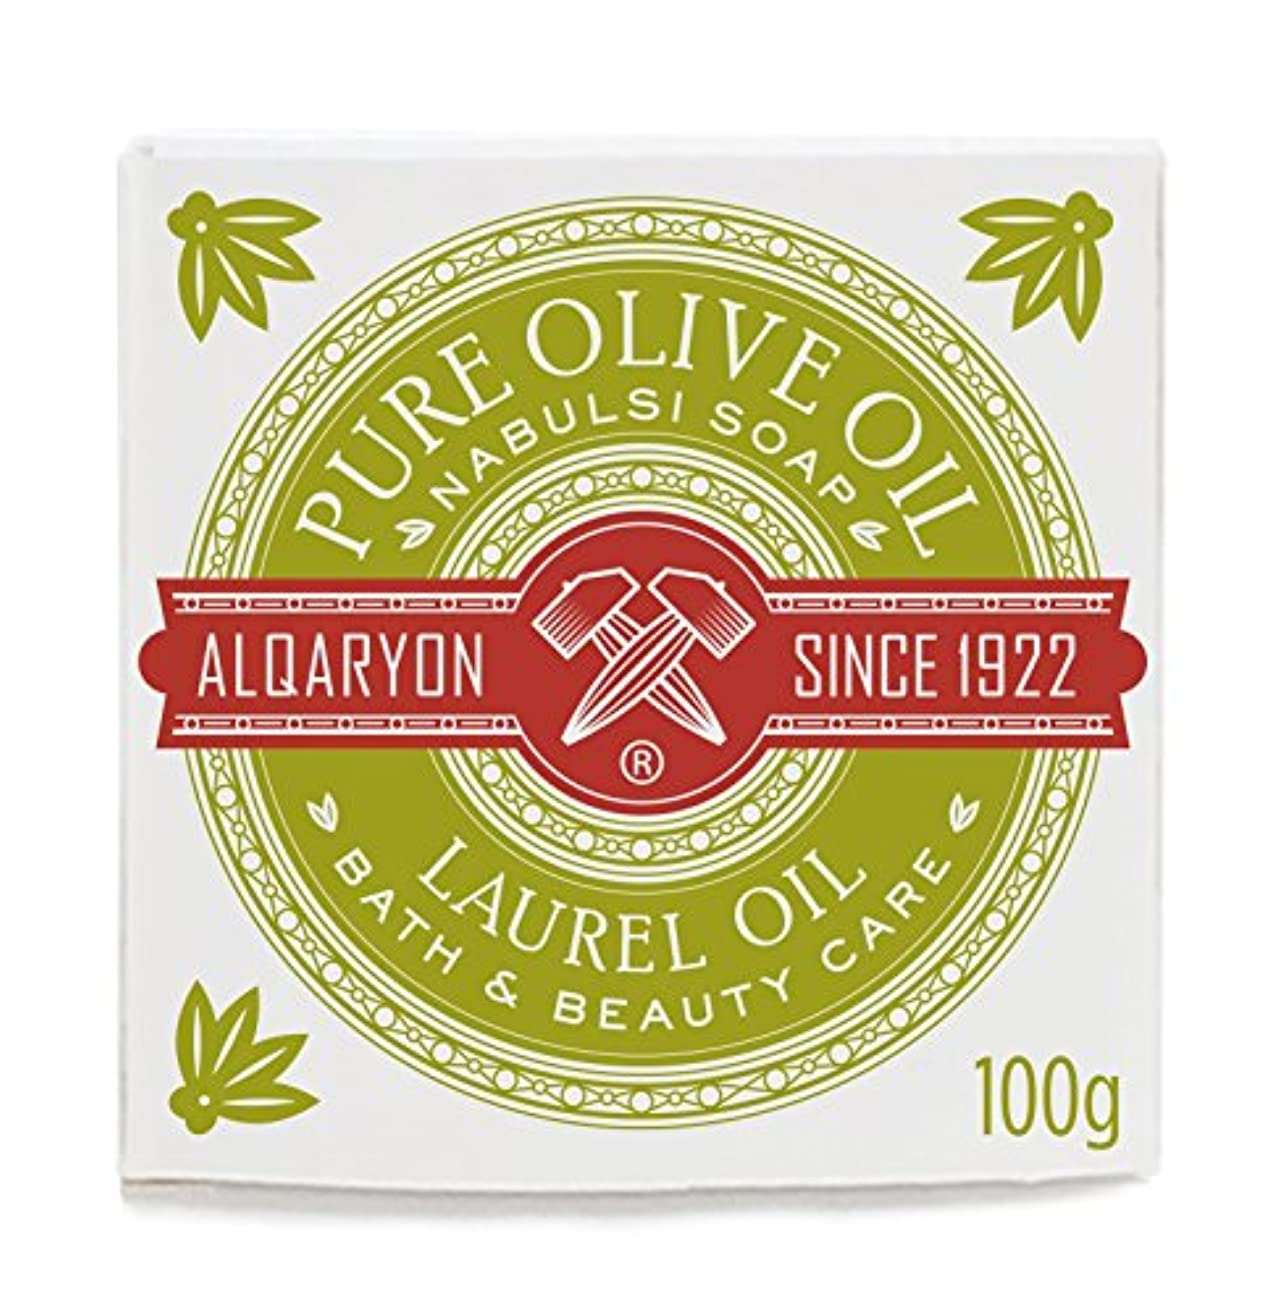 カリング平日予防接種するAlqaryon Laurel Oil & Olive Oil Bar Soap Pack of 4 - AlqaryonのローレルオイルI&オリーブオイル ソープ、バス & ビューティー ケア、100gの石鹸4個のパック